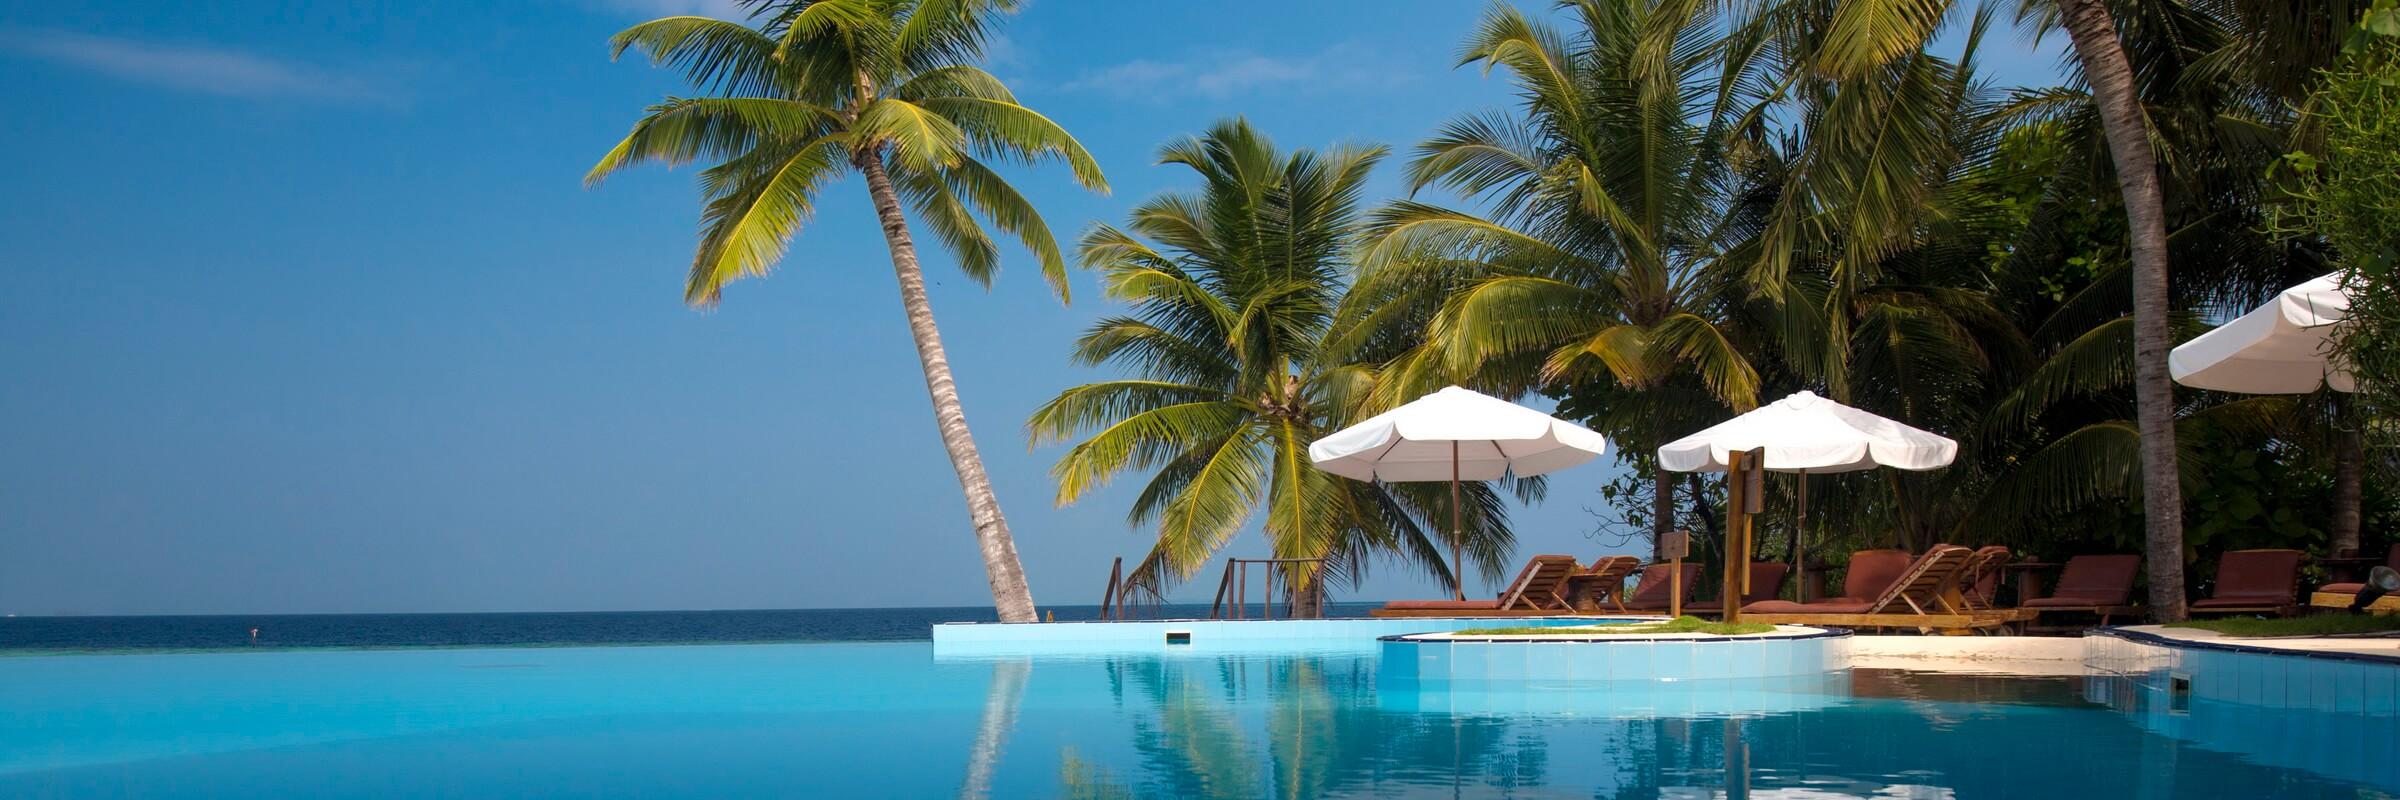 Im Filitheyo Island Resort steht den Gästen ein großer Swimminpool mit Poolbar und Terrasse zur Verfügung.